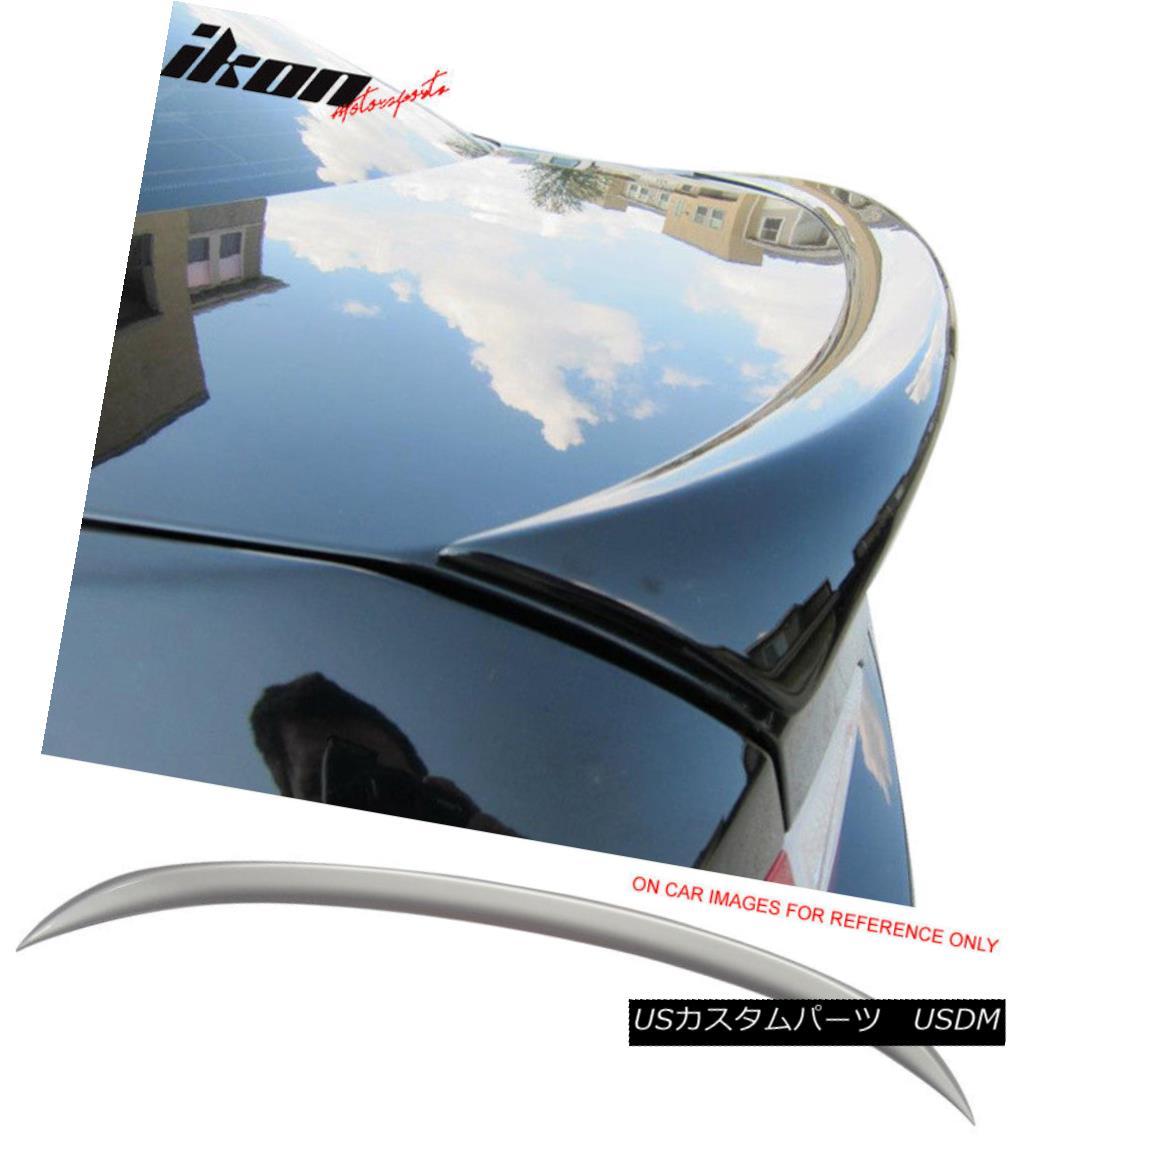 エアロパーツ Fits 06-11 E90 OE Factory Trunk Spoiler Painted #354 Titanium Silver Metallic フィット06-11 E90 OE工場のトランク・スポイラー・ペイント#354チタン・シルバー・メタリック